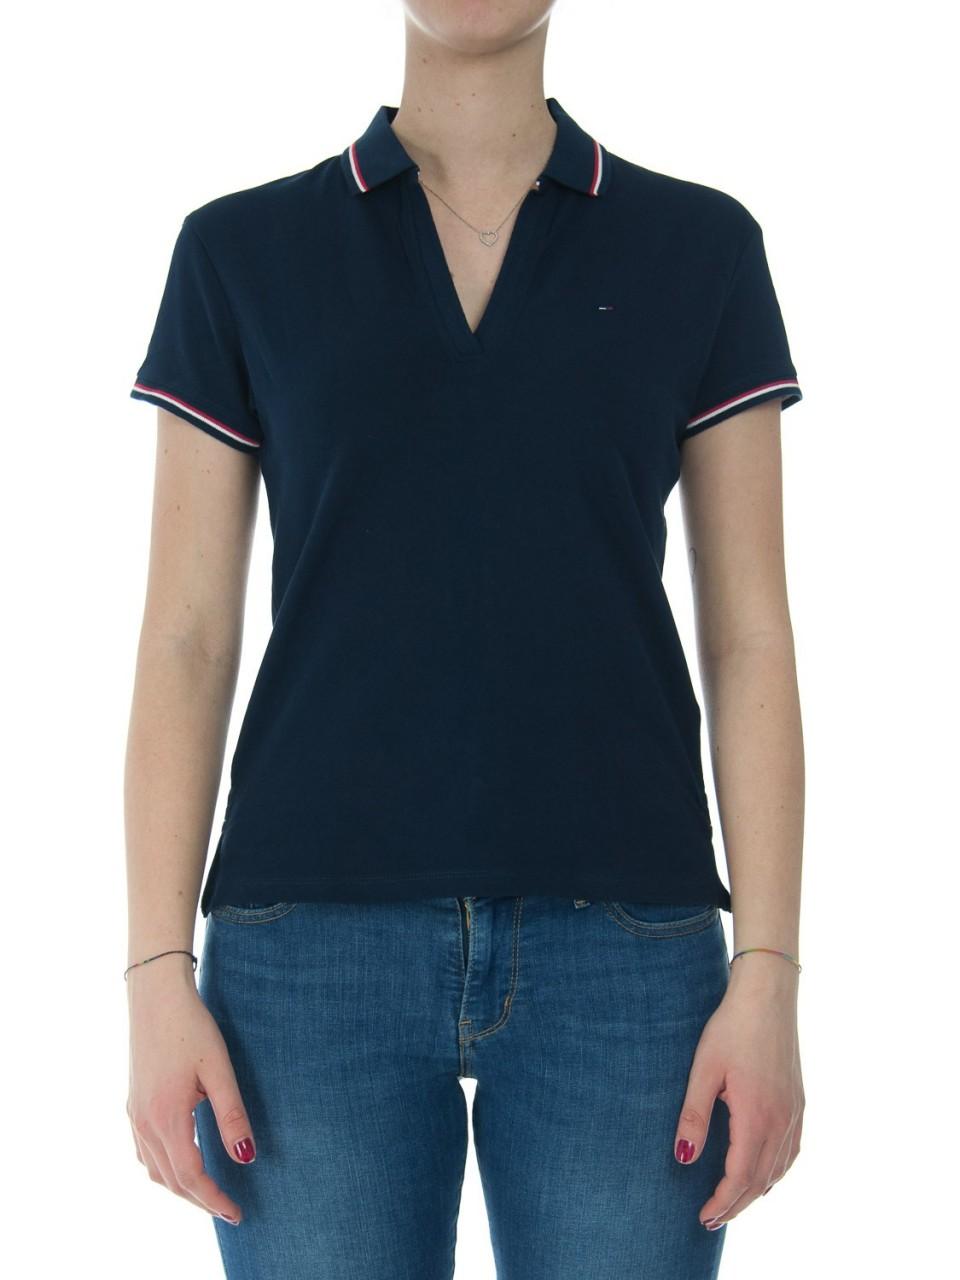 Tommy hilfiger Donna T-shirt Tommy Hilfiger Donna Modern Fit 04303H